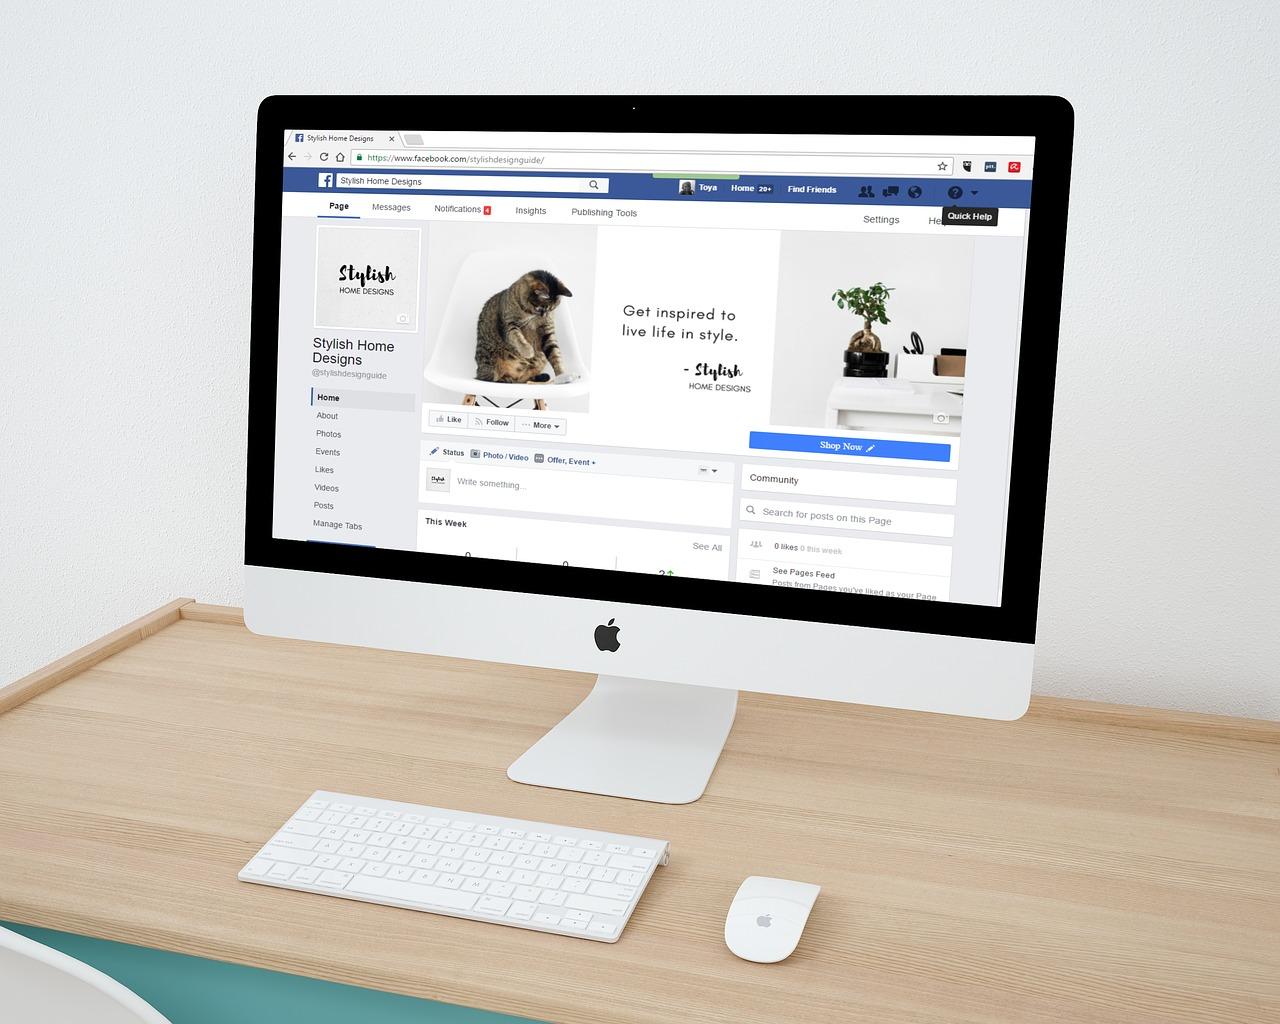 Gestire la pagina Facebook aziendale in modo professionale: ecco come